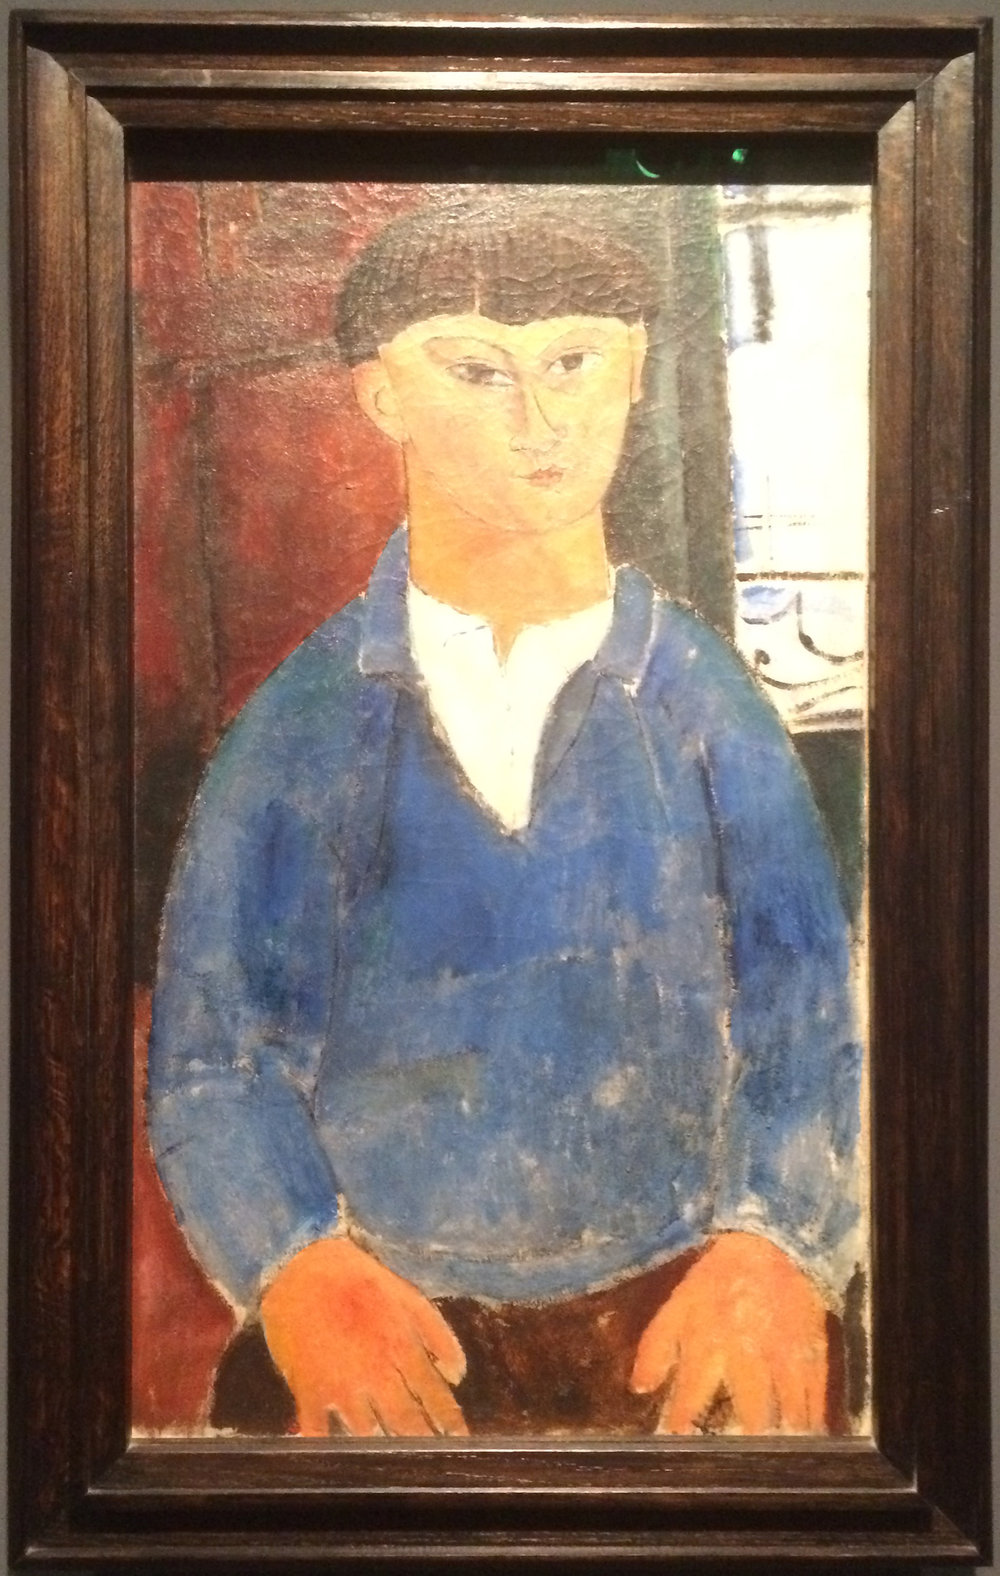 """Рис.9 Амедео Модильяни """"Портрет Моисея Кислинга"""" (1916)"""